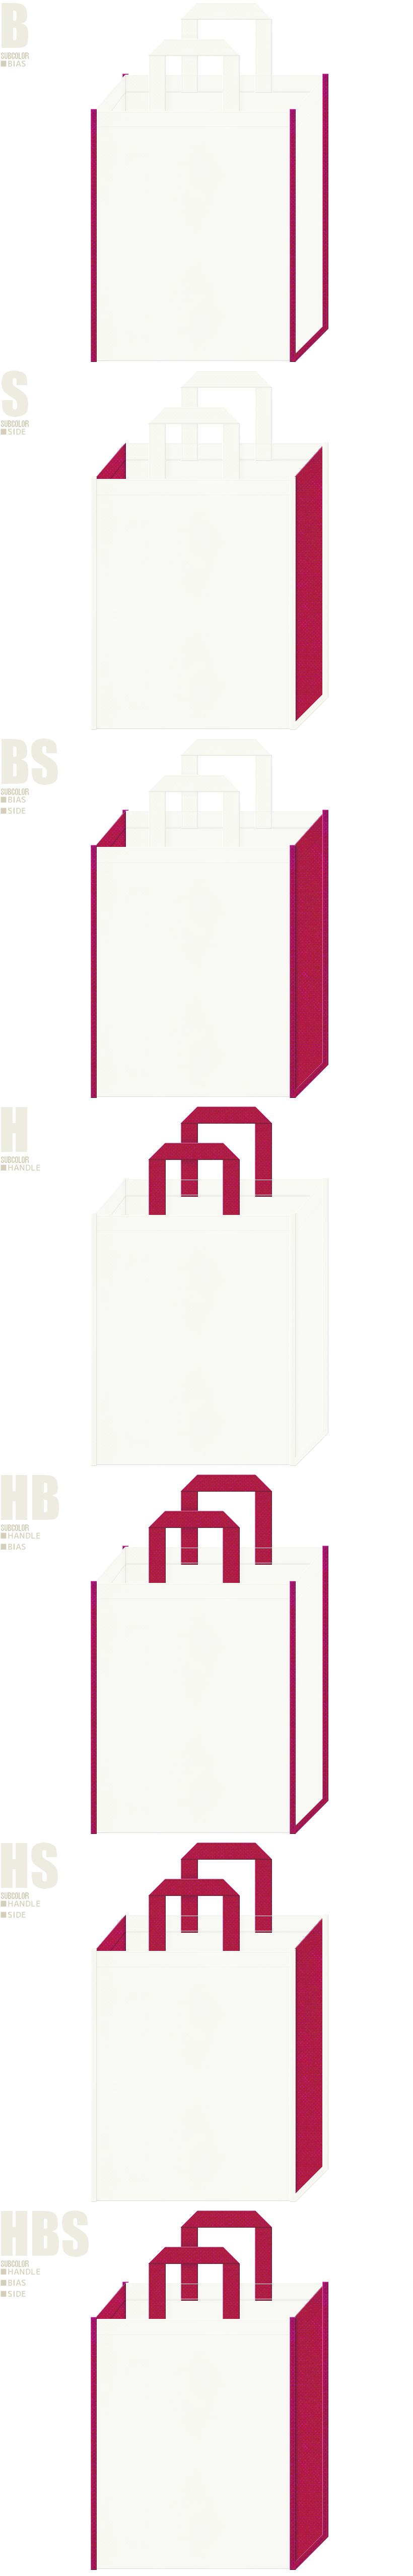 医療施設・病院・看護士研修・女子イベント・スポーツイベント・イチゴミルク・ブーケ・ウェディング・ドレス・スワン・フラミンゴ・バレエ・ガーリーデザインの展示会用バッグにお奨めの不織布バッグデザイン:オフホワイト色と濃いピンク色の不織布バッグ配色7パターン